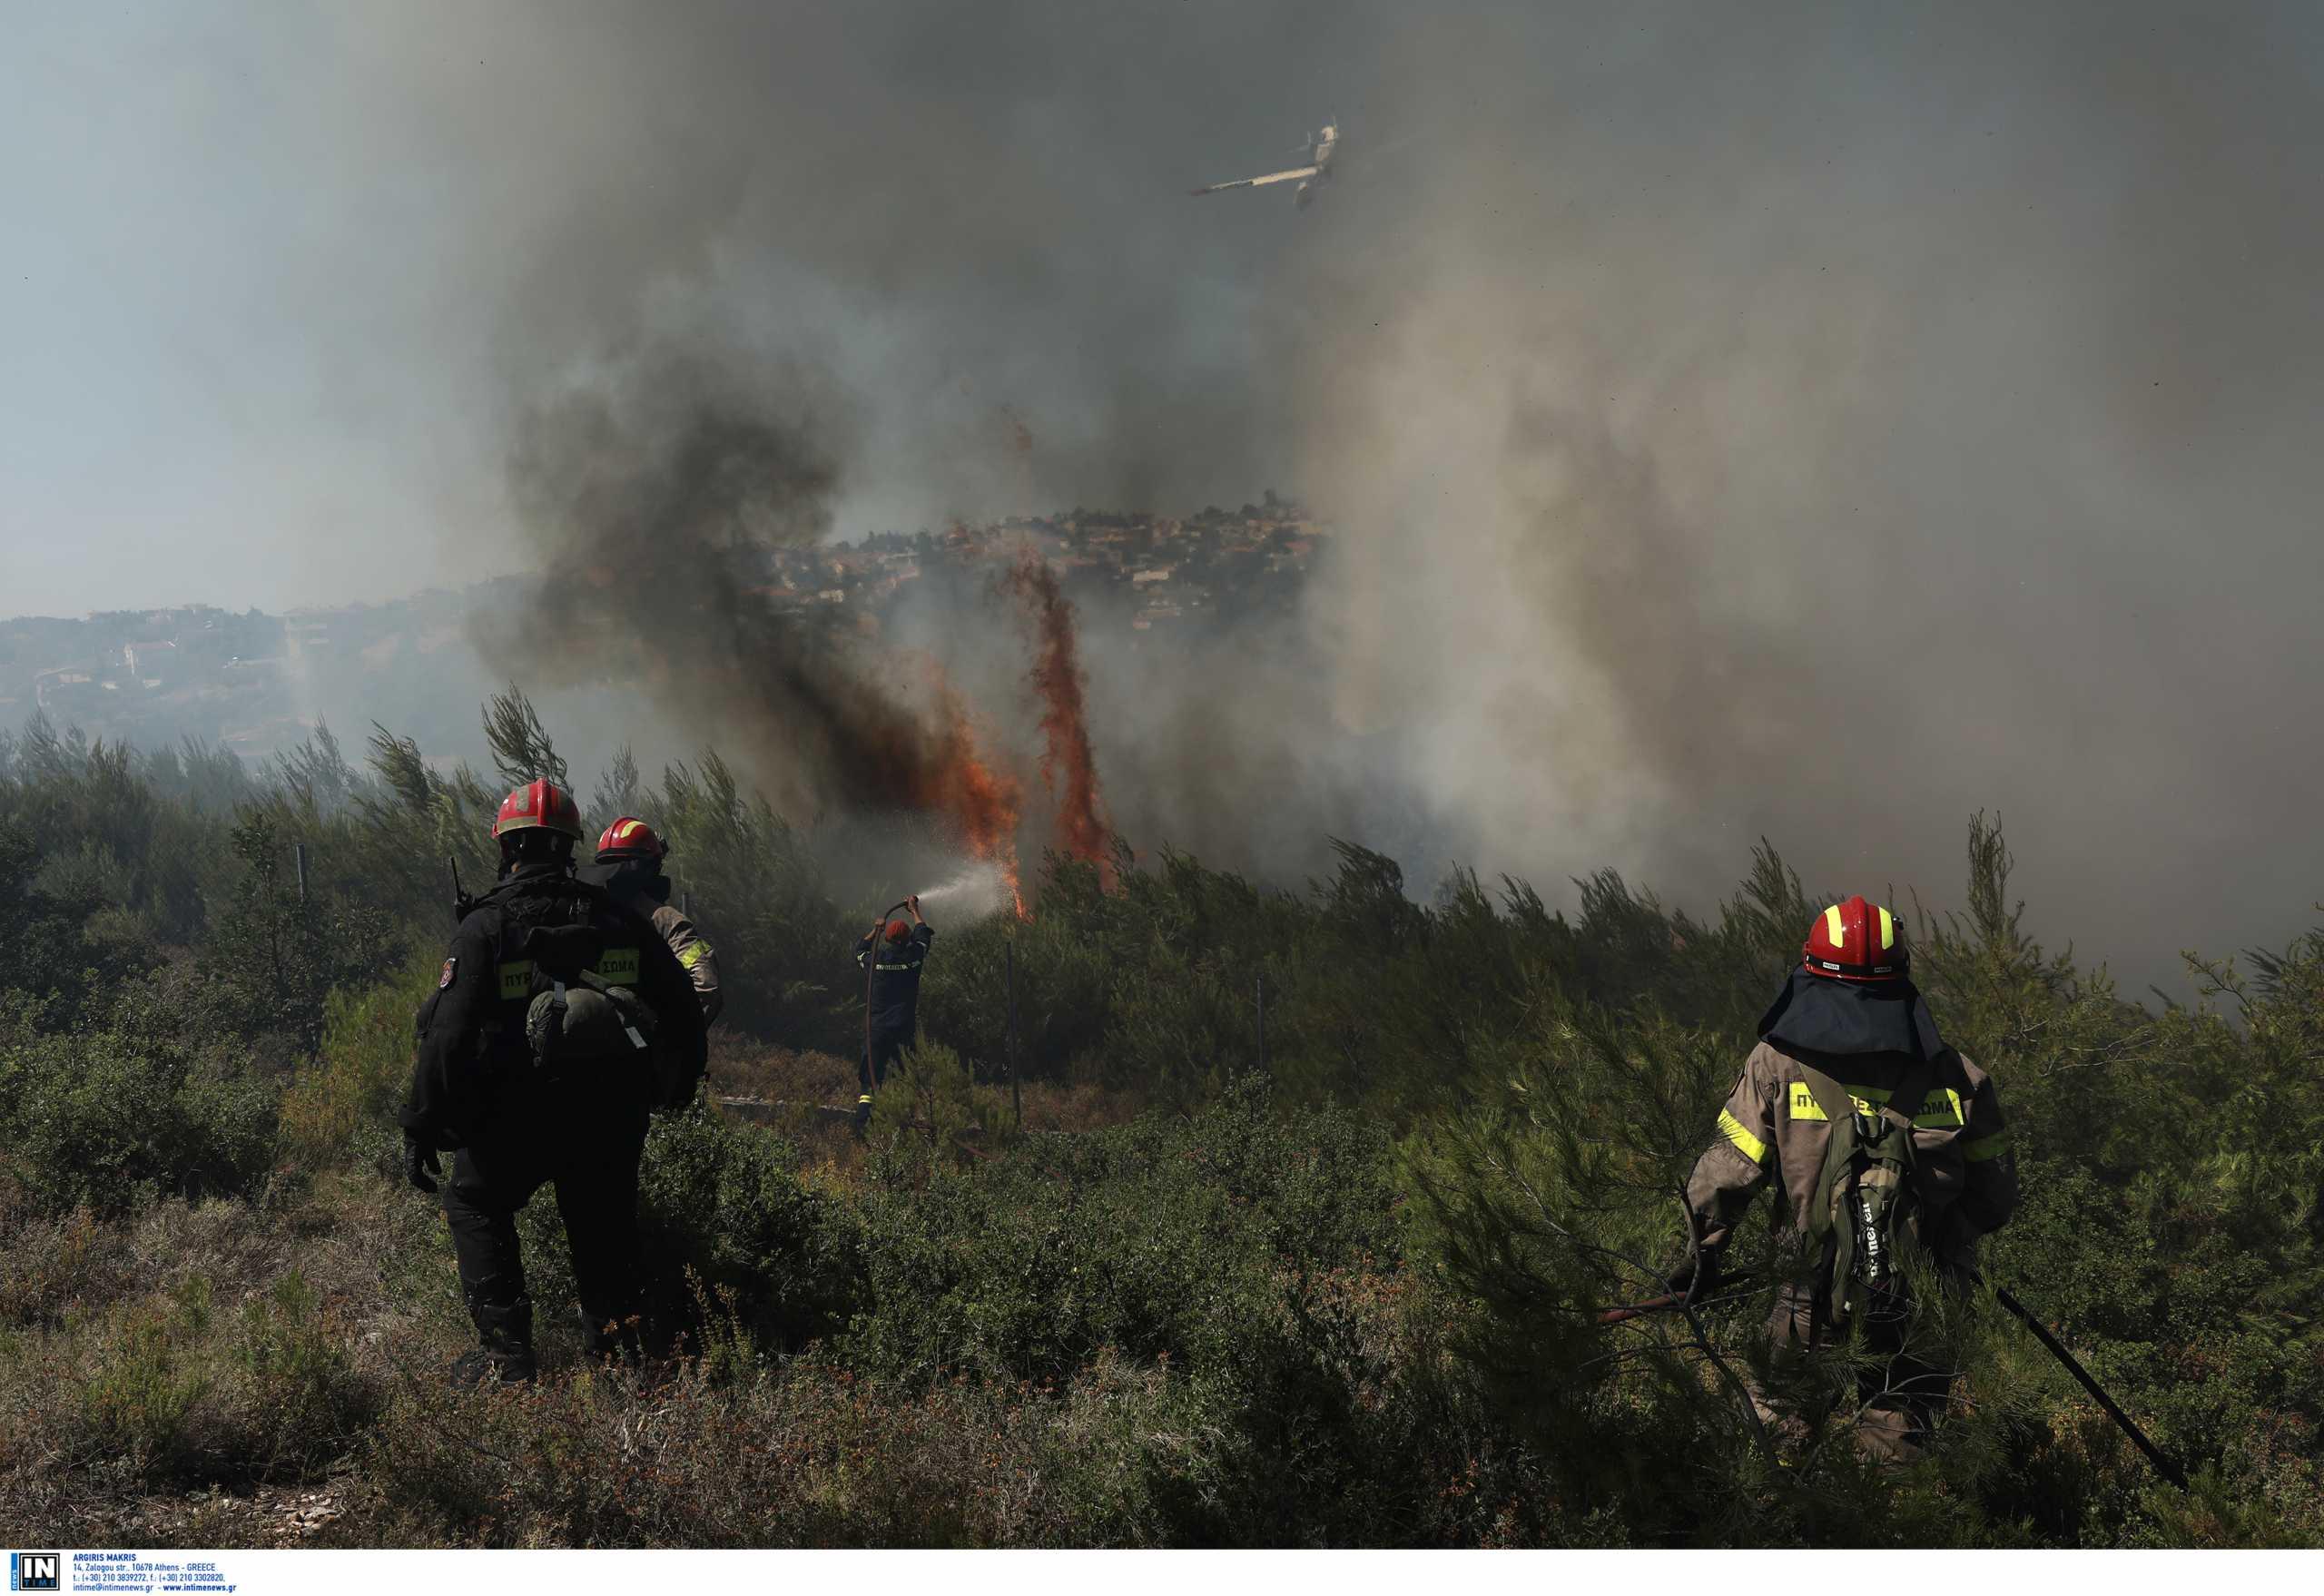 Φωτιά στον Βαρνάβα: Στο σημείο αντιπροσωπεία του ΚΚΕ